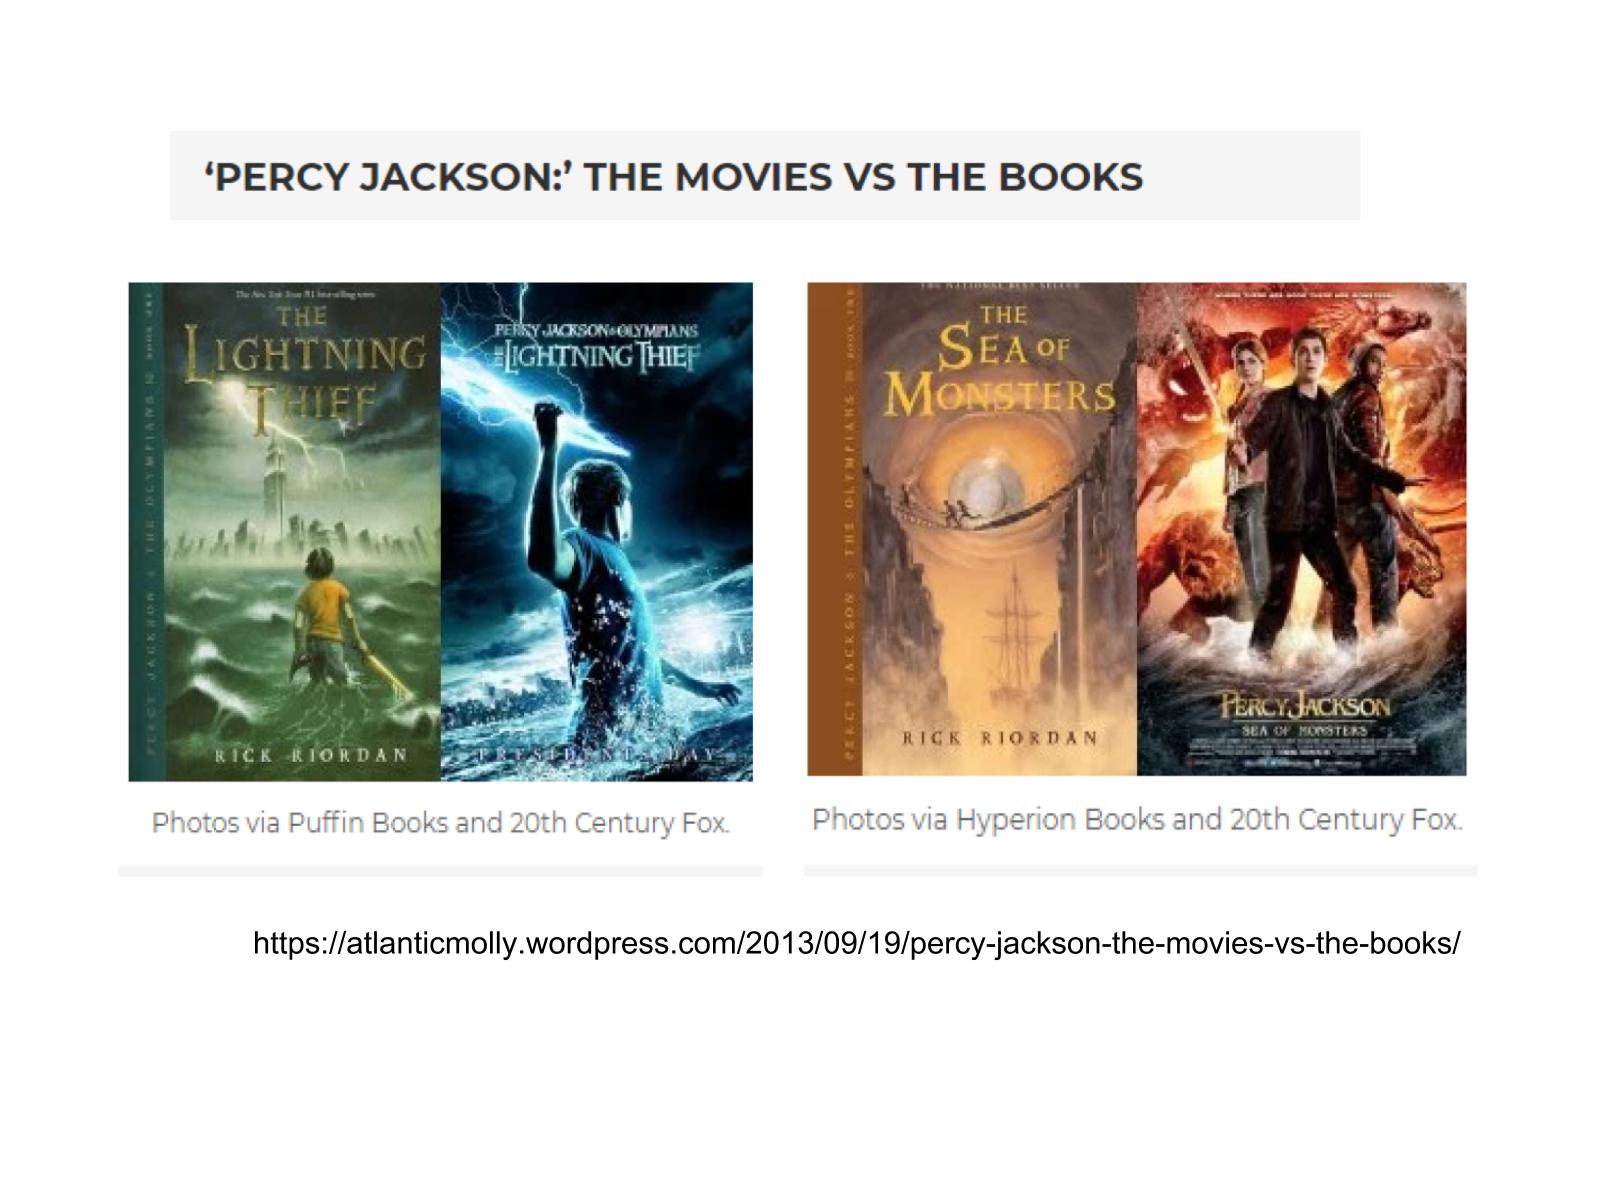 Análise: crítica comparativa entre livros e filmes